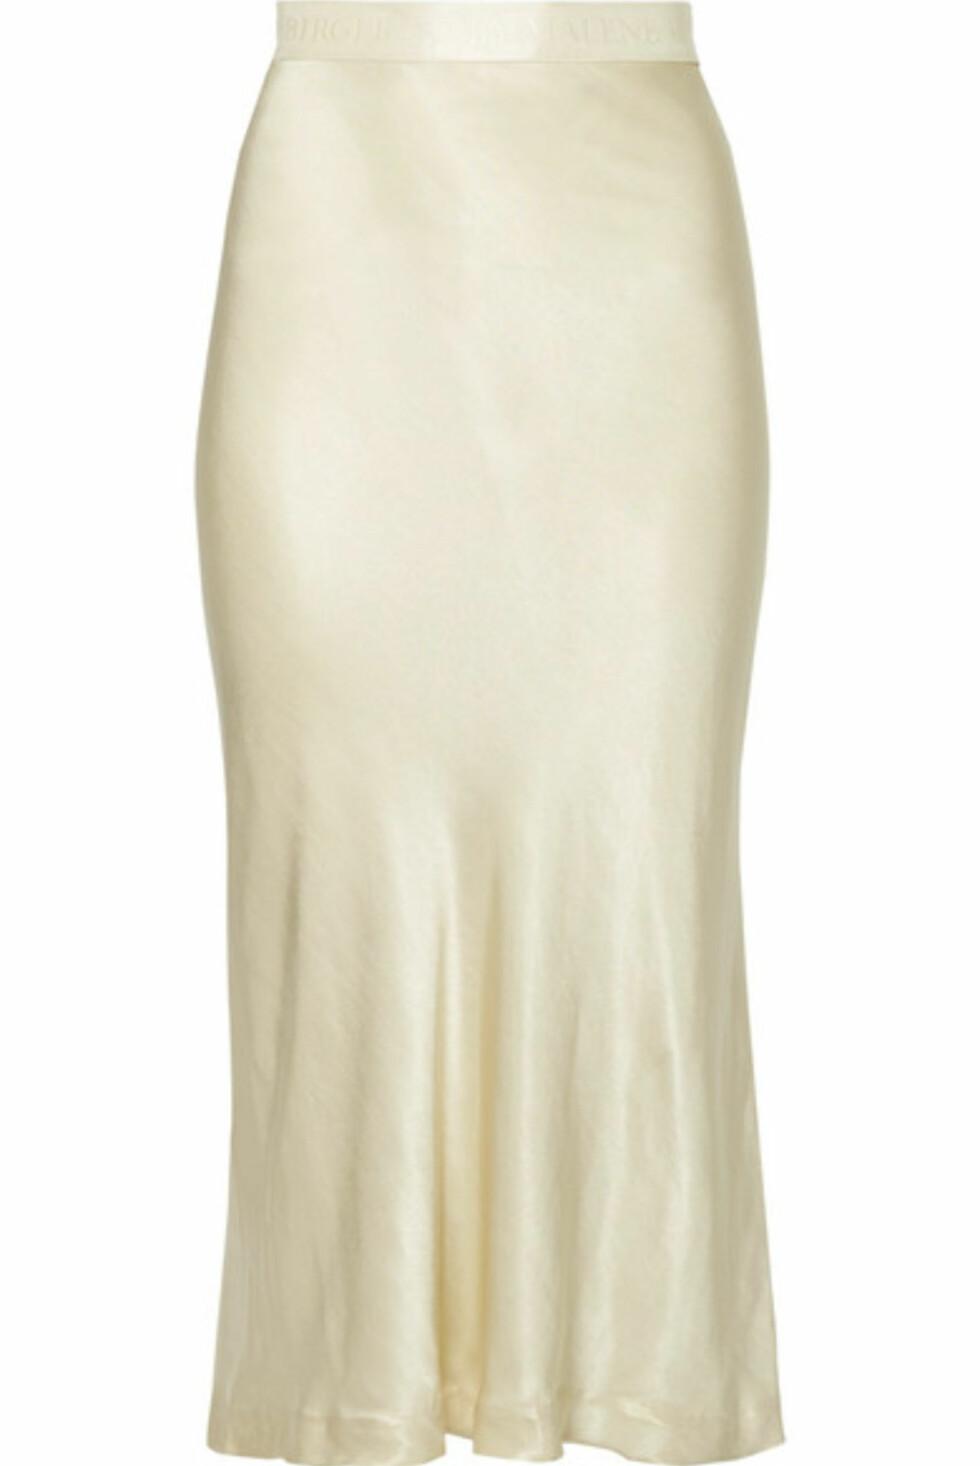 Skjørt fra By Malene Birger |2800,-| https://www.net-a-porter.com/no/en/product/991829/By_Malene_Birger/kimberley-satin-midi-skirt-